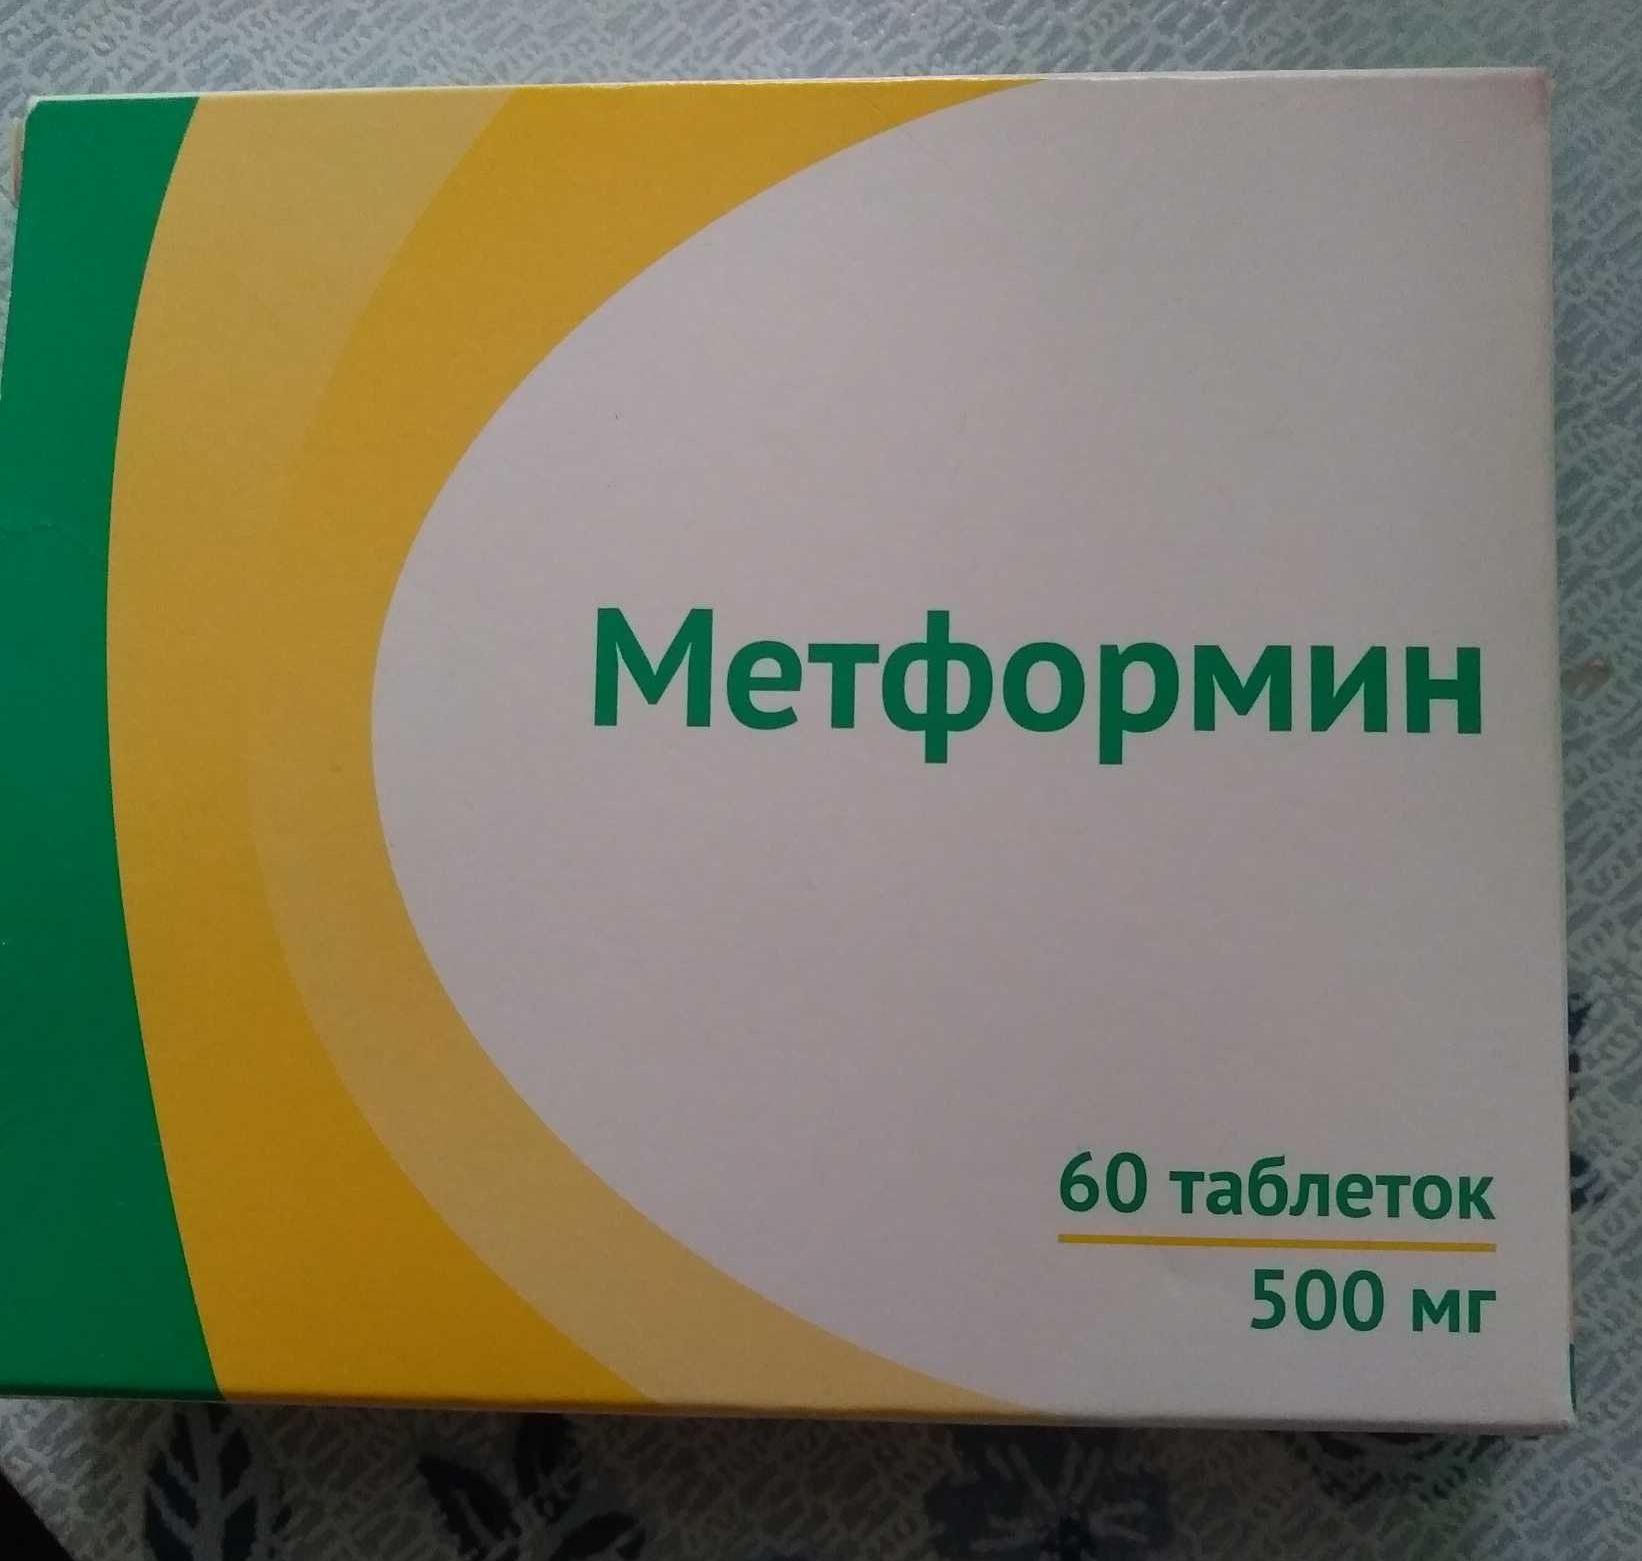 метформин 500 для похудения цена